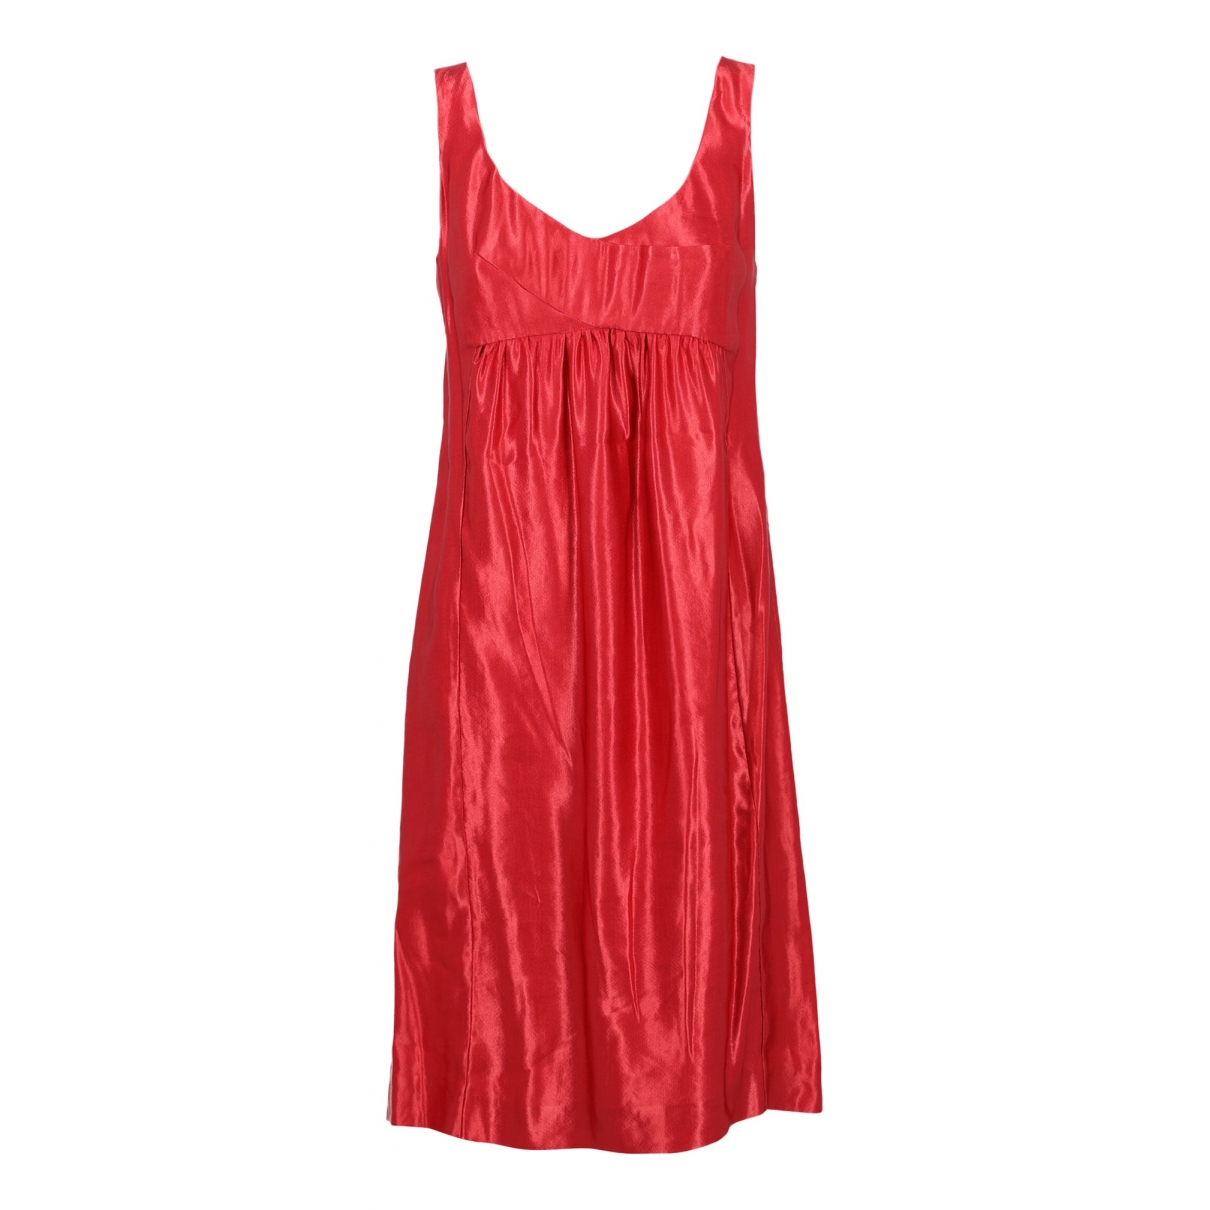 Aspesi \N Kleid in  Rot Synthetik